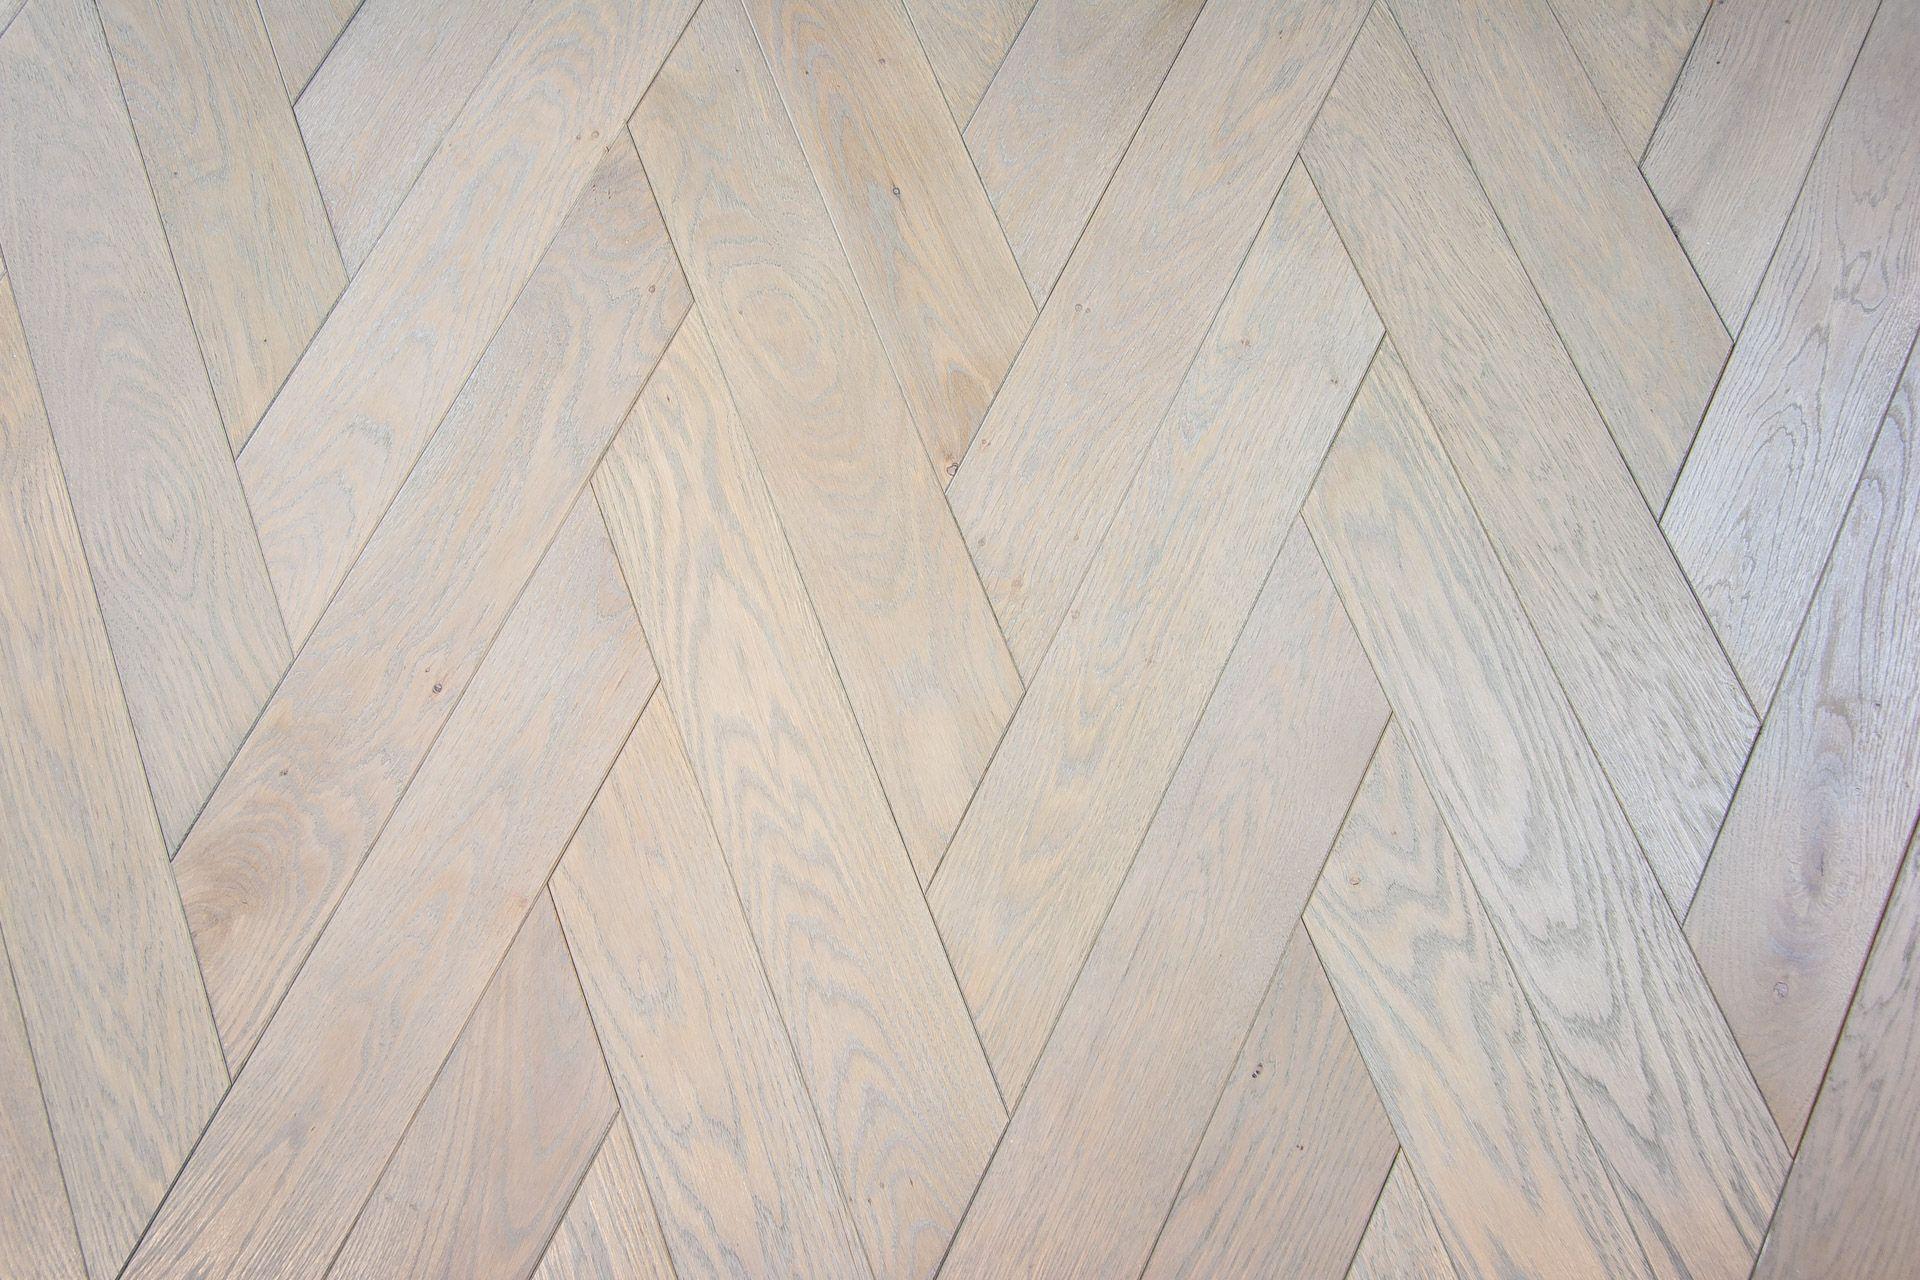 Le parquet tressé - Motif de pose   Revêtement de sol en bois, Parquet en chêne et Motif